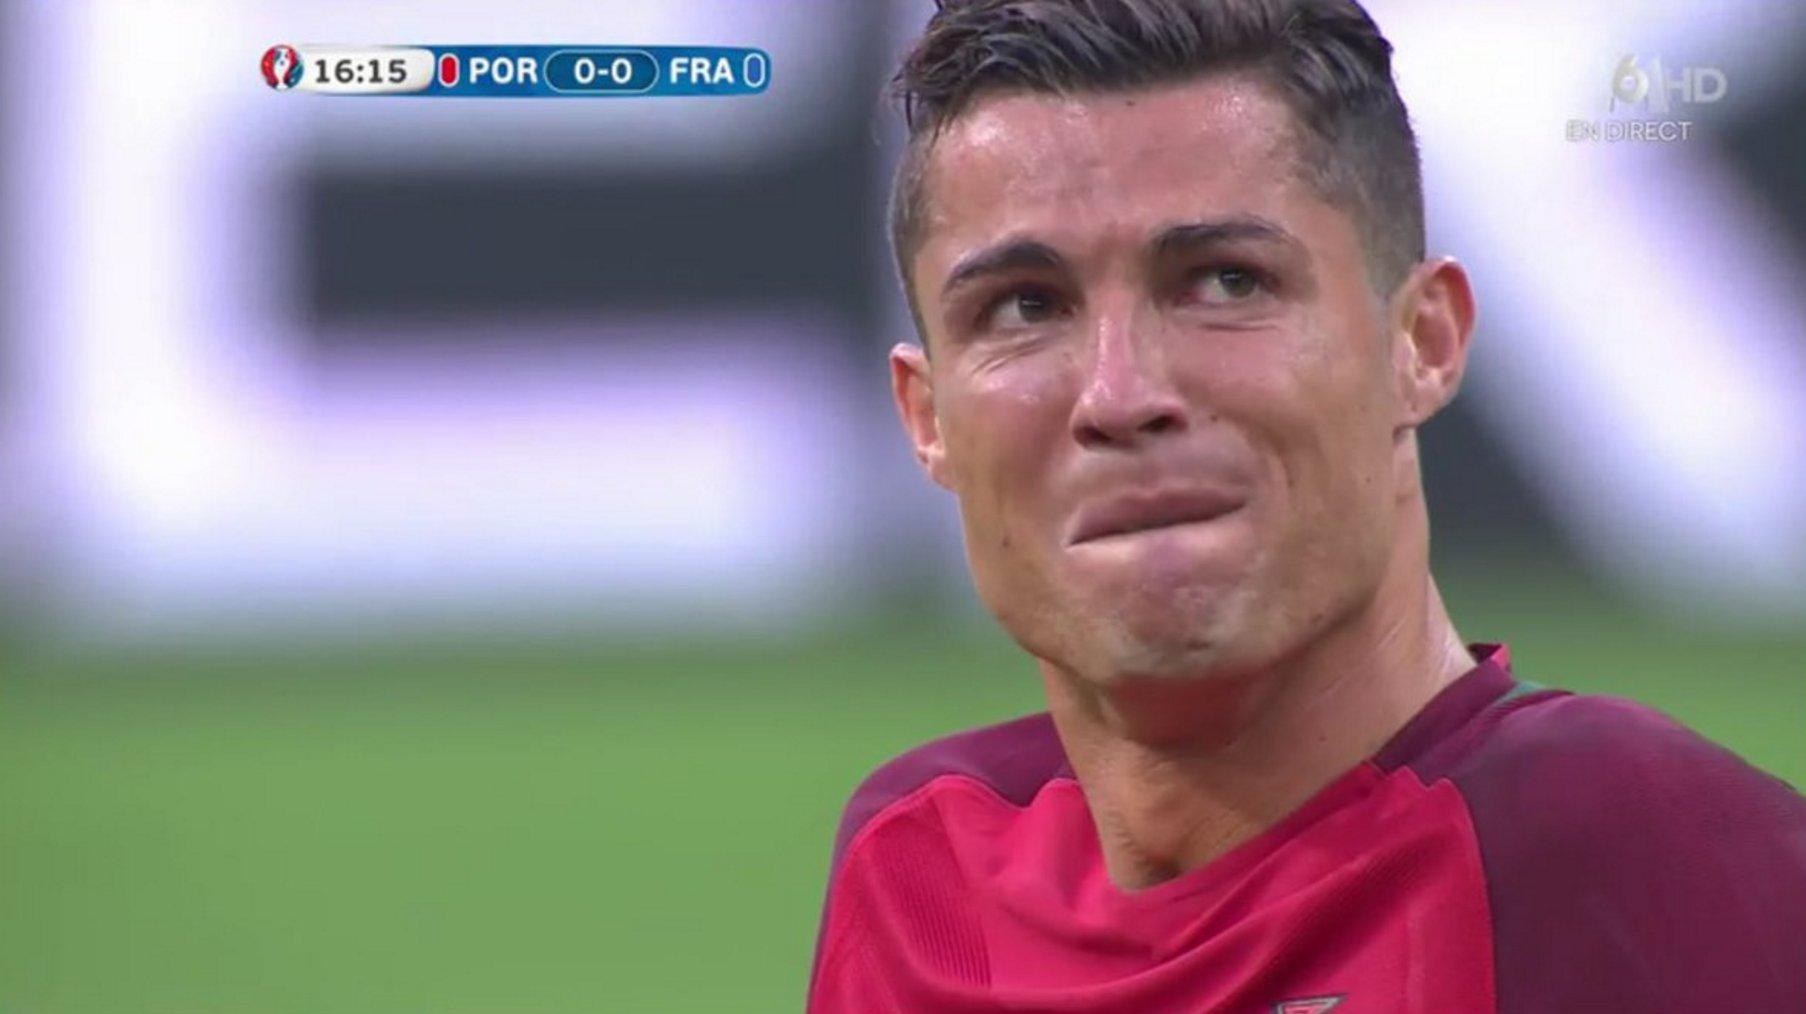 Cristiano Ronaldo khóc tức tưởi, rời sân trong sự ấm ức vì chấn thương